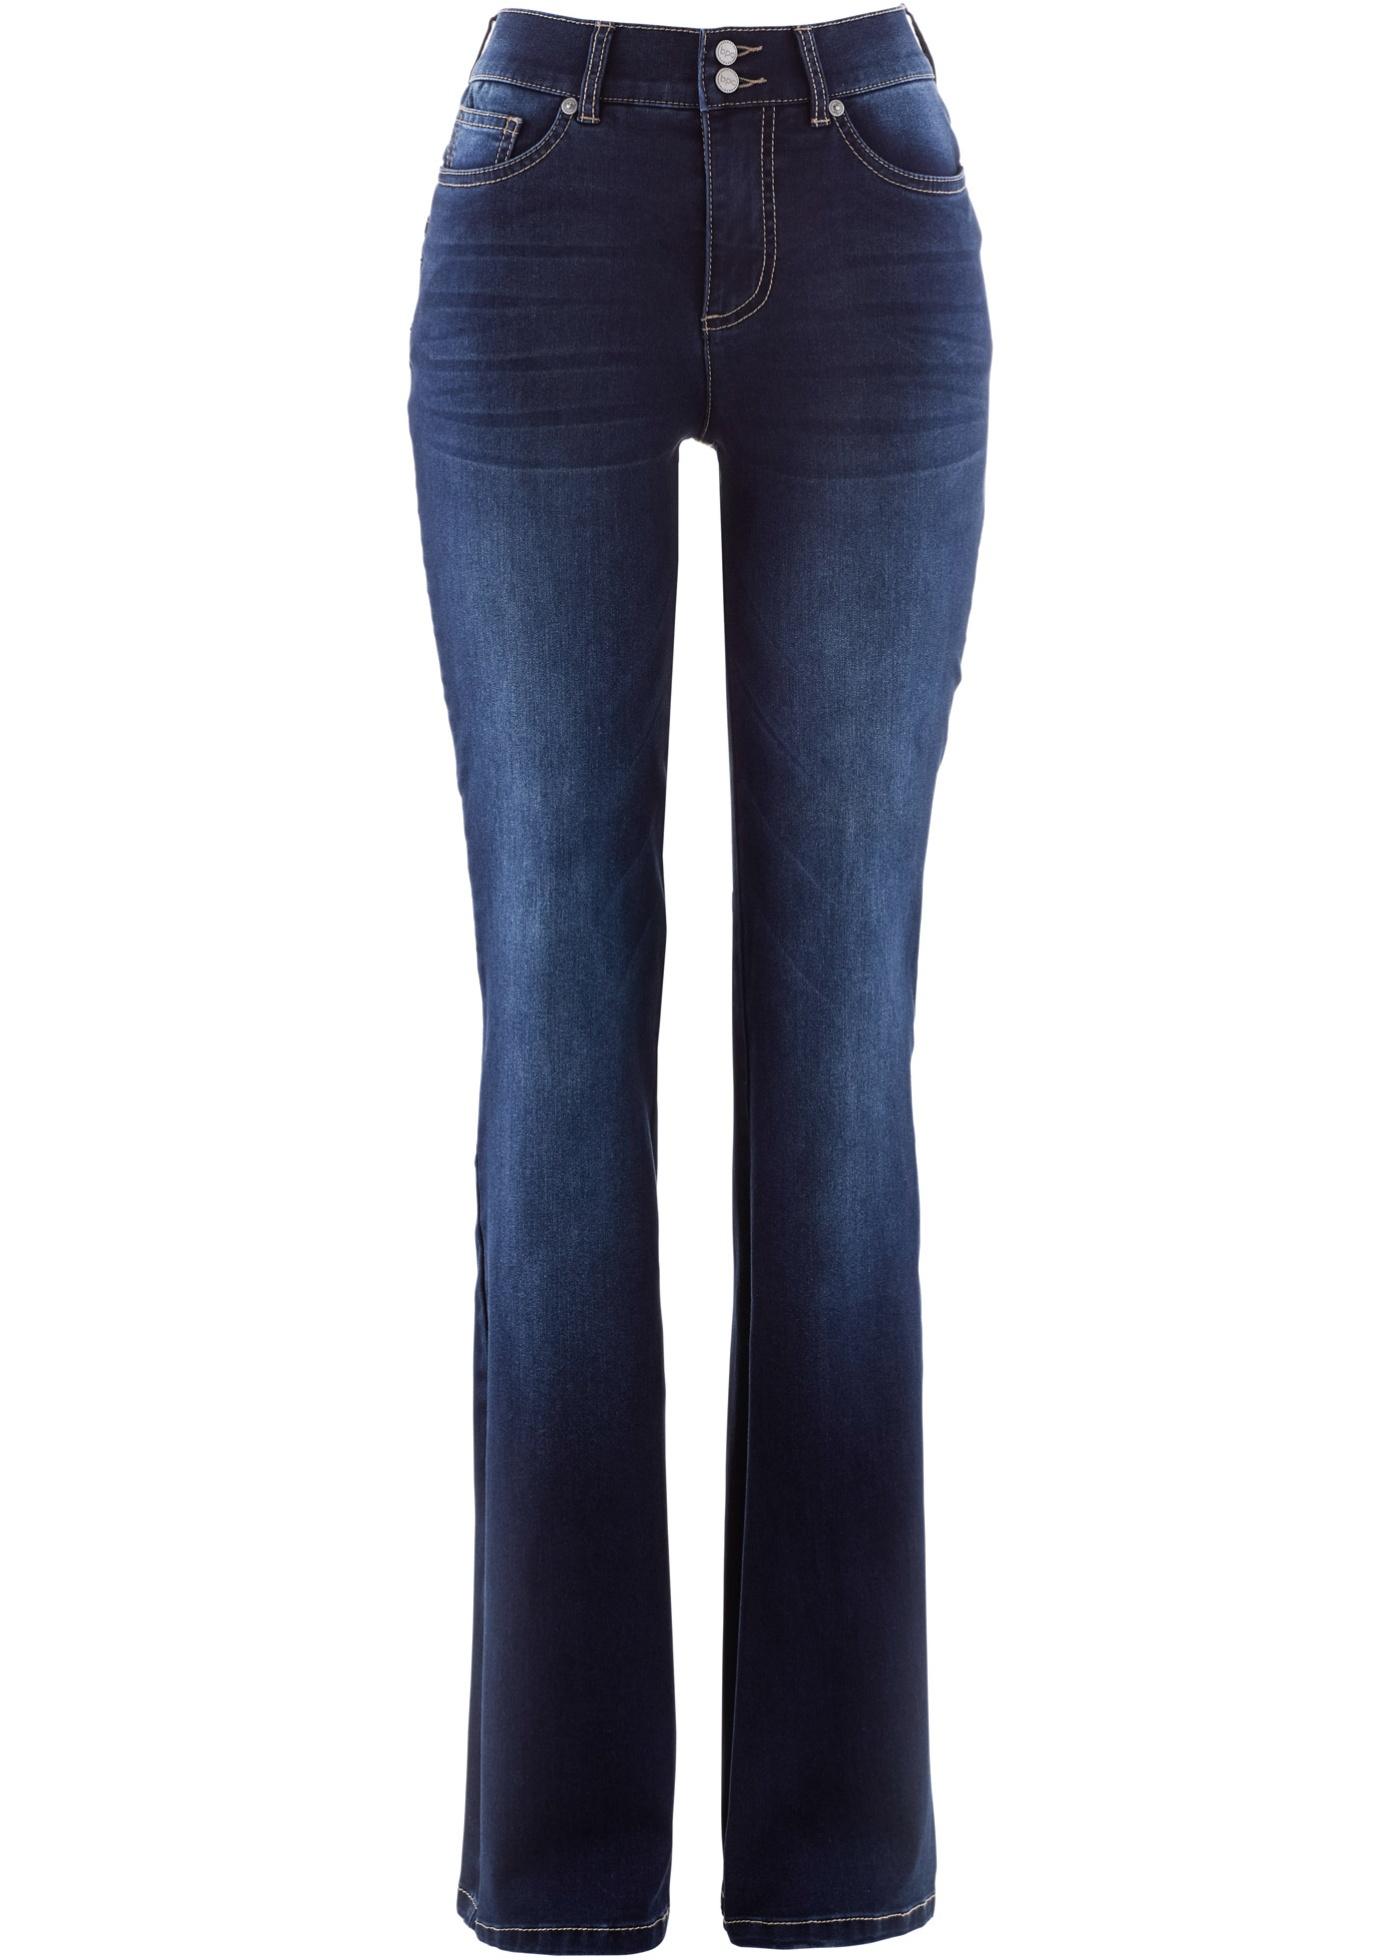 jeans push up preisvergleiche erfahrungsberichte und kauf bei nextag. Black Bedroom Furniture Sets. Home Design Ideas